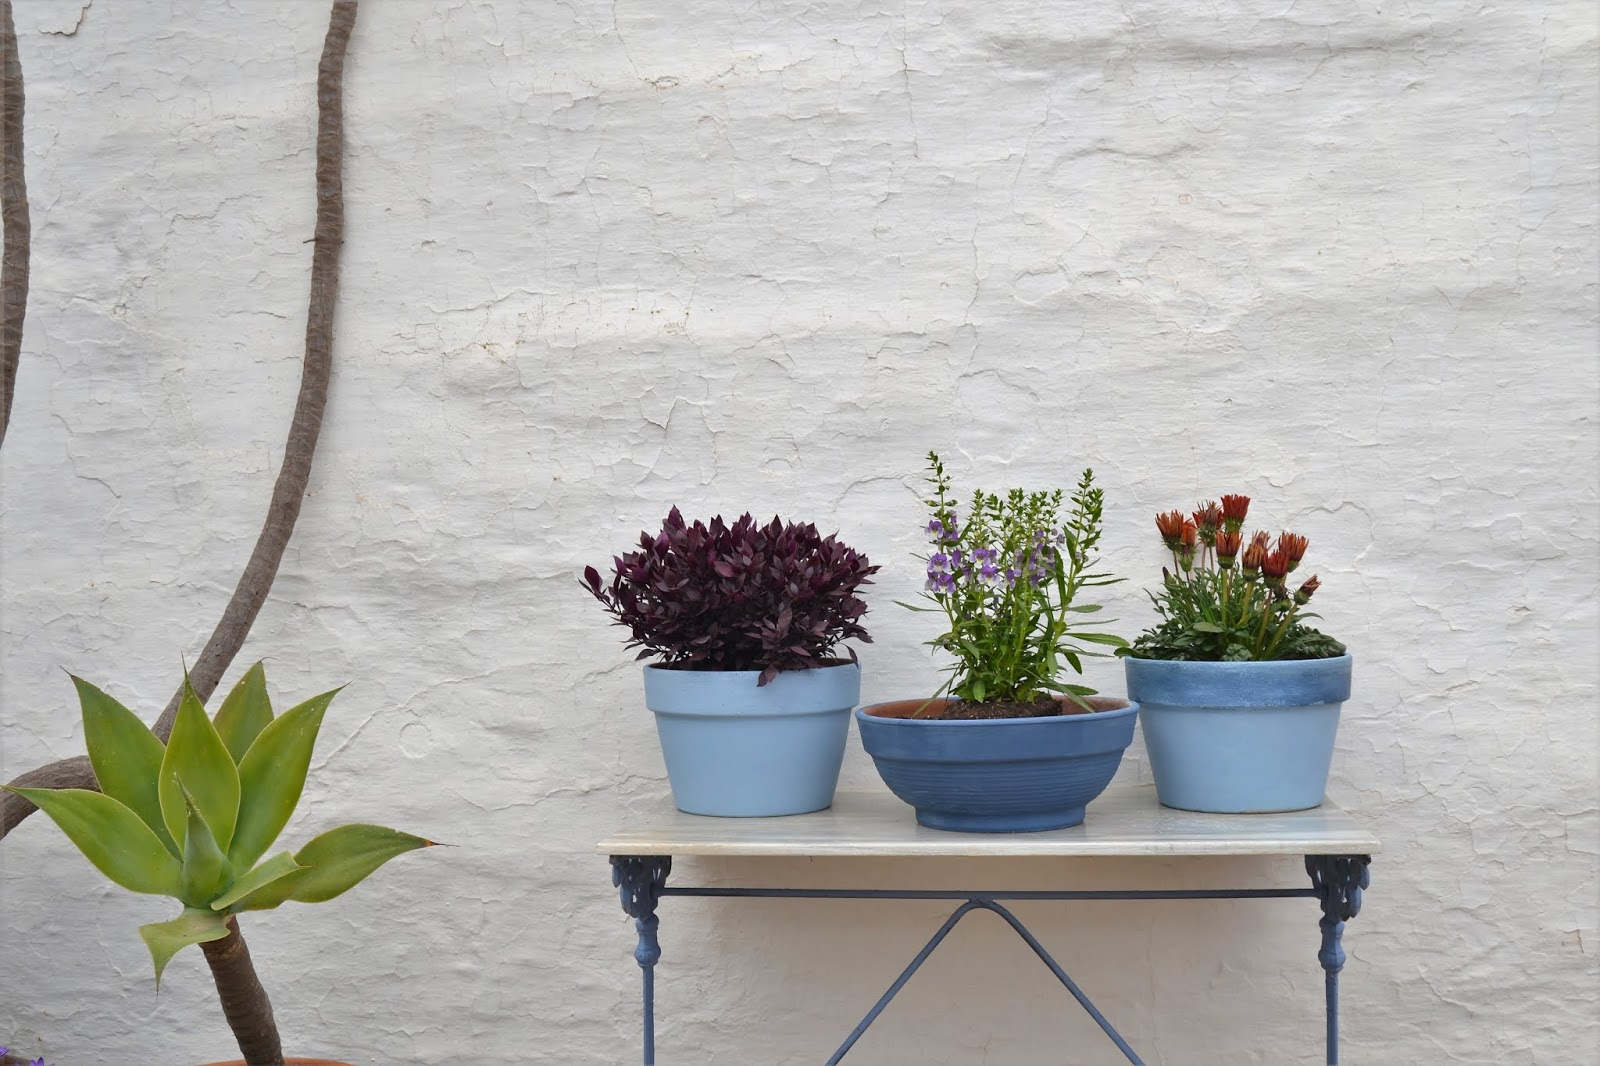 15 consejos para decorar un rincón de exterior, pintaremos, reciclaremos y decoraremos con plantas.